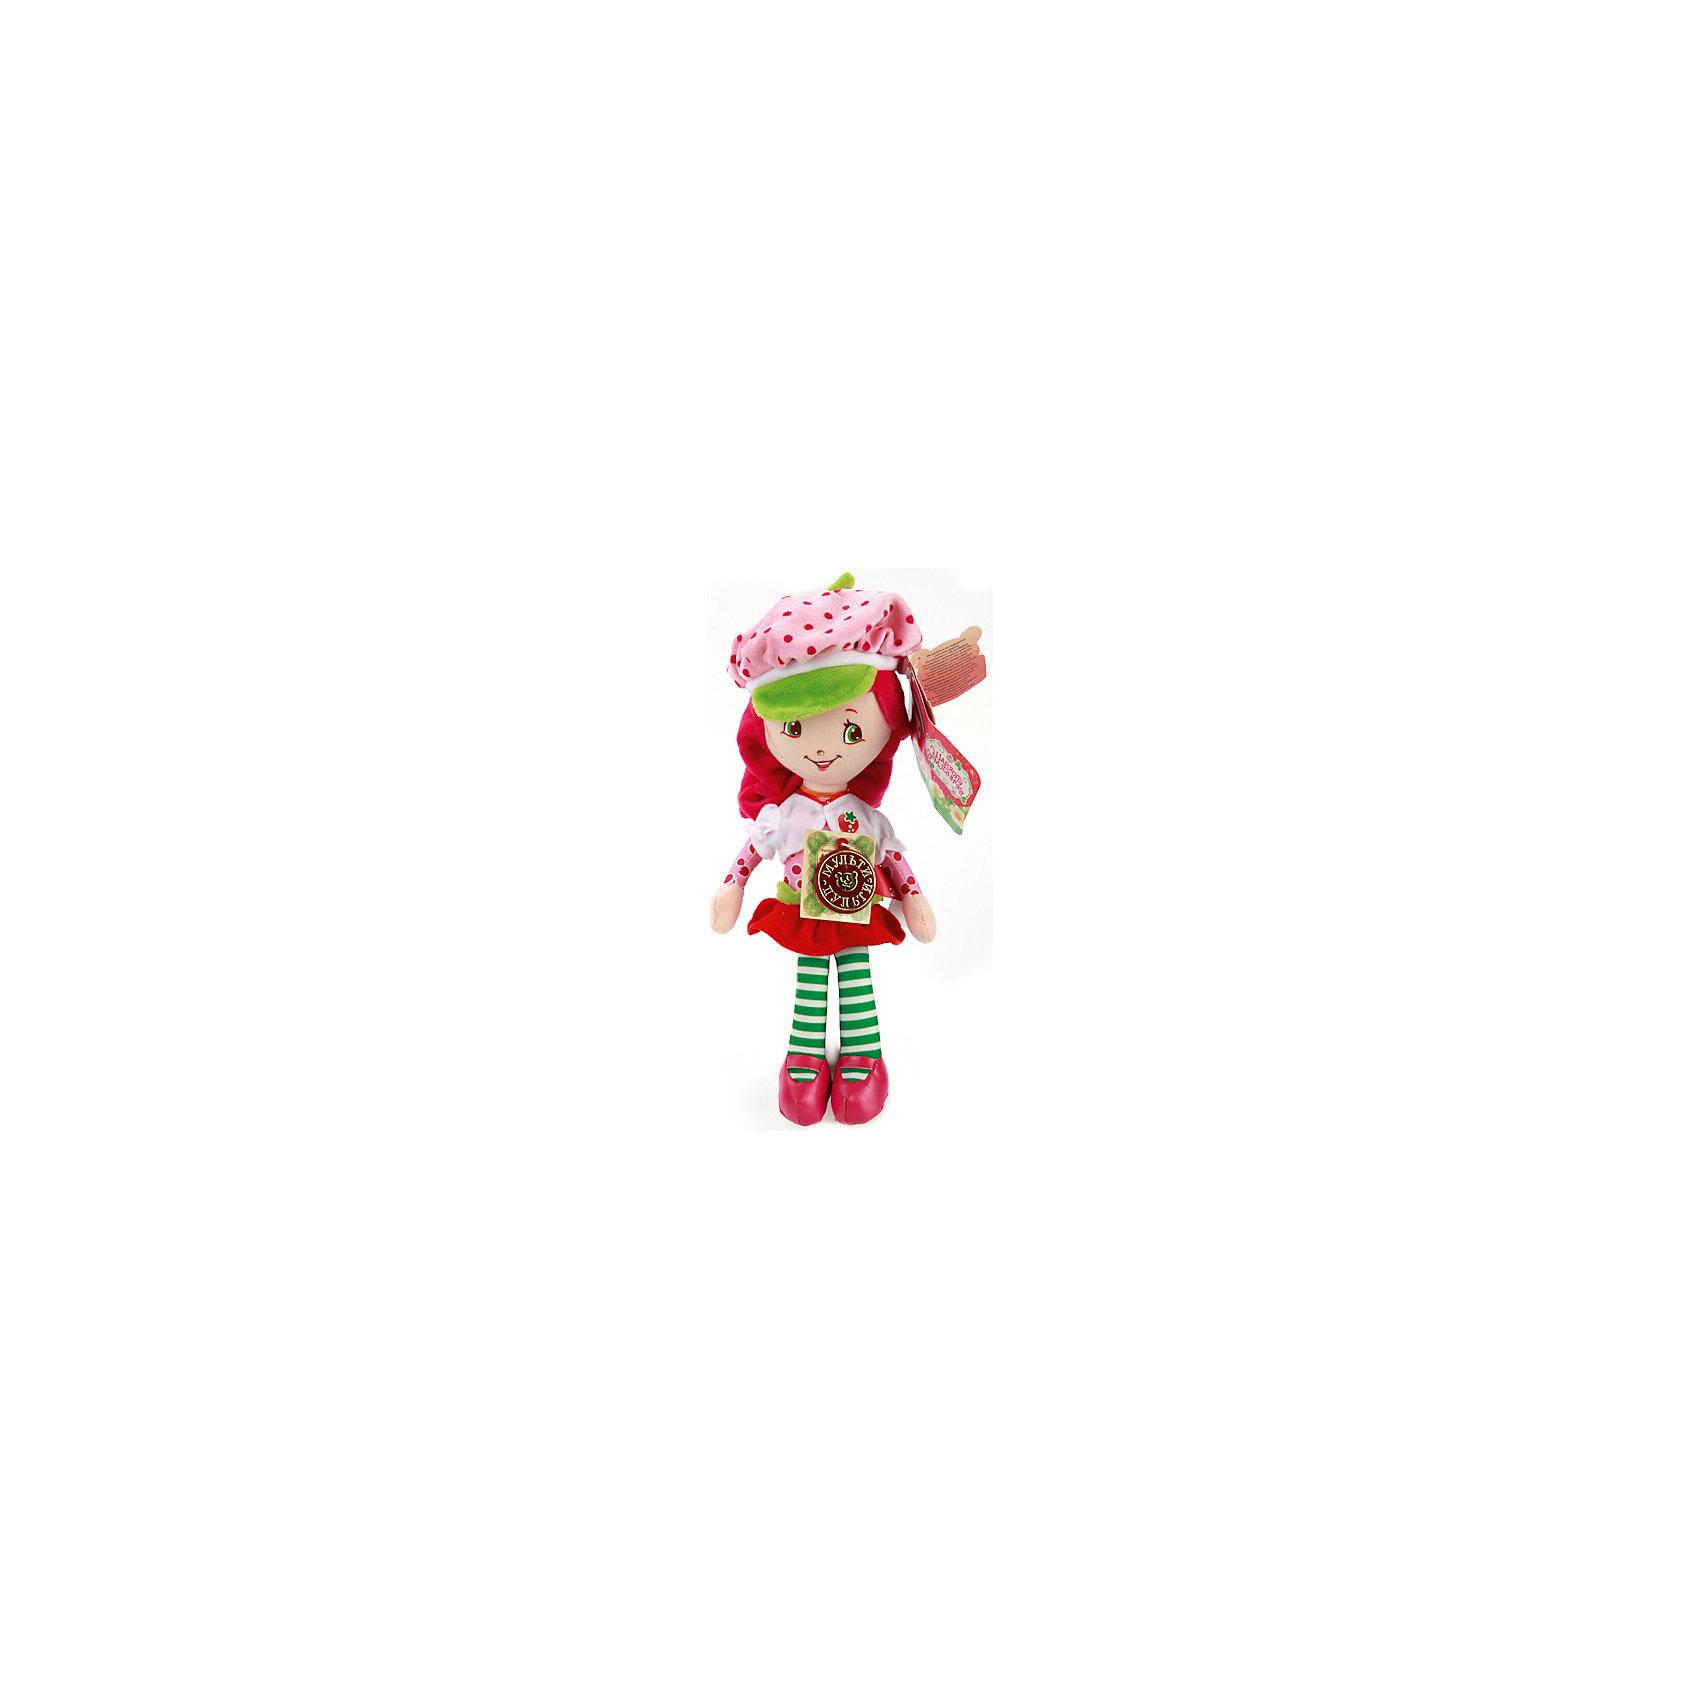 Мягкая игрушка Земляничка, 25 смЛюбимые герои<br>Игрушки могут не только развлекать малыша, но и помогать его всестороннему развитию. Эта игрушка поможет формированию разных навыков, он помогает развить тактильное восприятие, цветовосприятие, звуковосприятие и мелкую моторику.<br>Изделие представляет собой игрушку из приятного на ощупь материала со звуковым модулем - ребенок может надолго занять себя игрой с ней! Сделана игрушка из качественных материалов, безопасных для ребенка.<br><br>Дополнительная информация:<br><br>цвет: разноцветный;<br>материал: текстиль;<br>звуковой модуль;<br>высота: 25 см.<br><br>Мягкую игрушку Земляничка, 25 см, можно купить в нашем магазине.<br><br>Ширина мм: 80<br>Глубина мм: 370<br>Высота мм: 200<br>Вес г: 150<br>Возраст от месяцев: 36<br>Возраст до месяцев: 2147483647<br>Пол: Женский<br>Возраст: Детский<br>SKU: 5002247